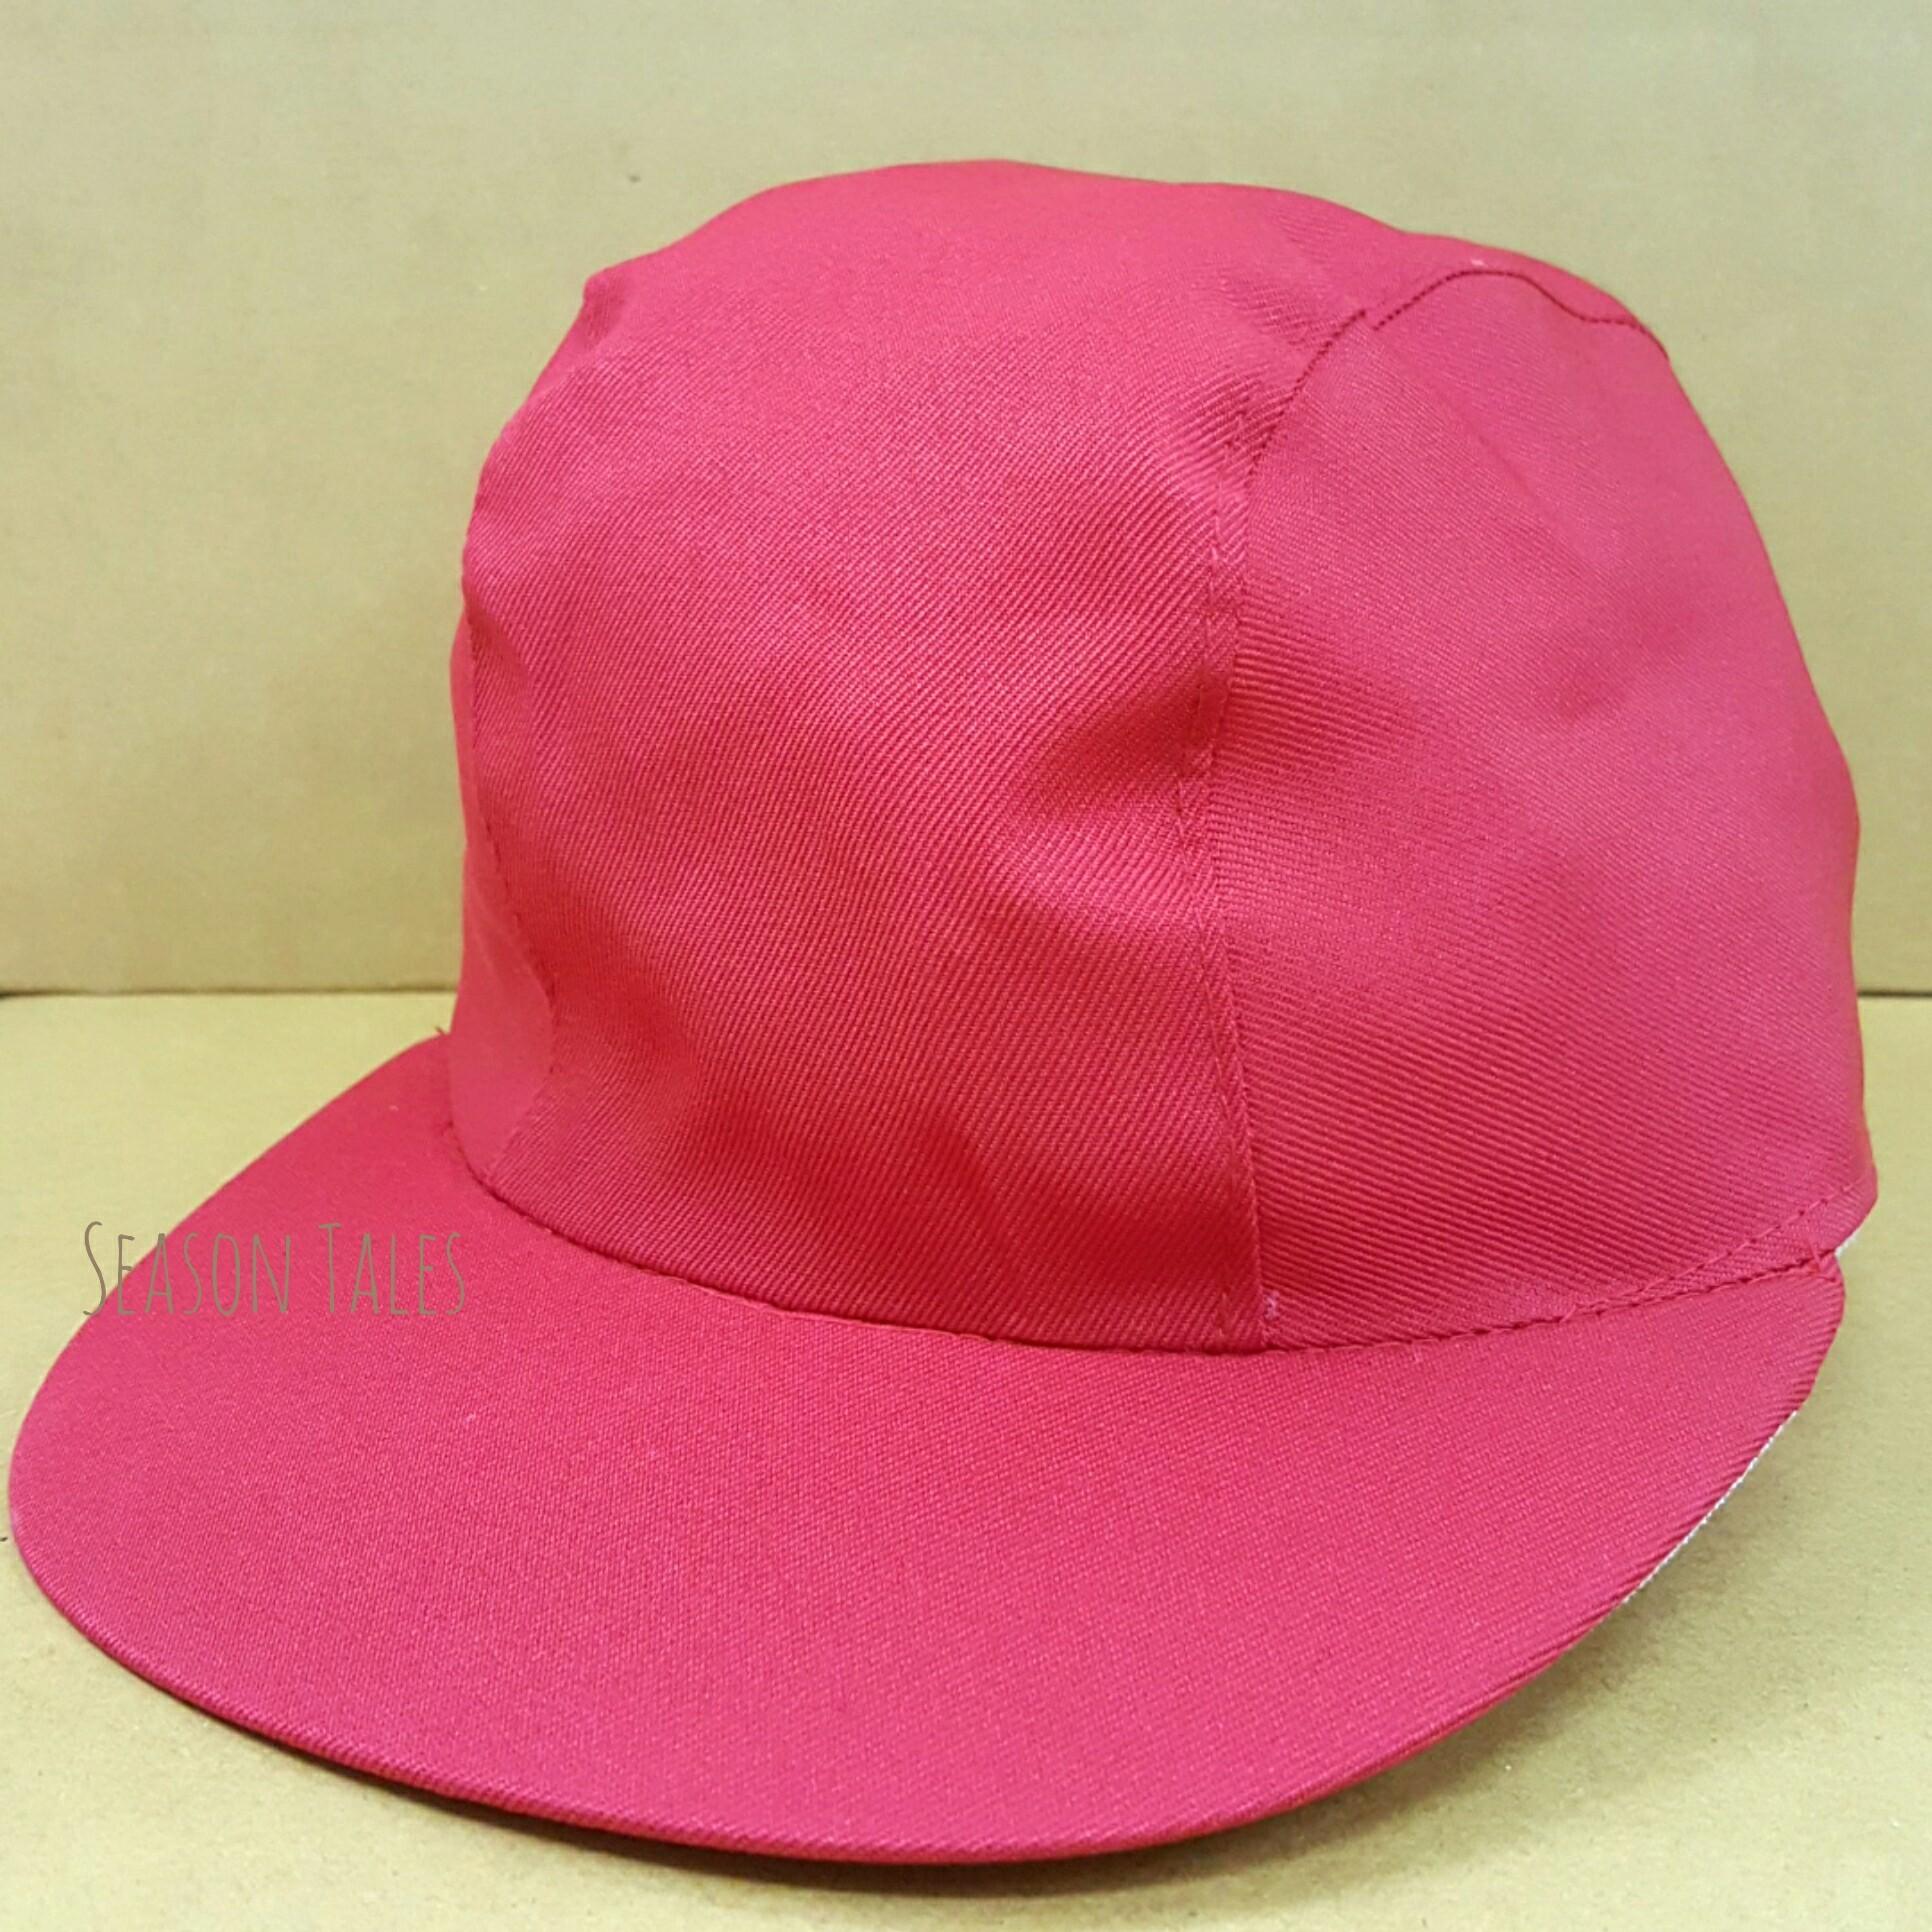 หมวกแก๊ป กีฬาสี สีแดง ราคาถูกสุดๆ (สั่งในเว็บไม่ได้ สั่งผ่านLine เท่านั้น)